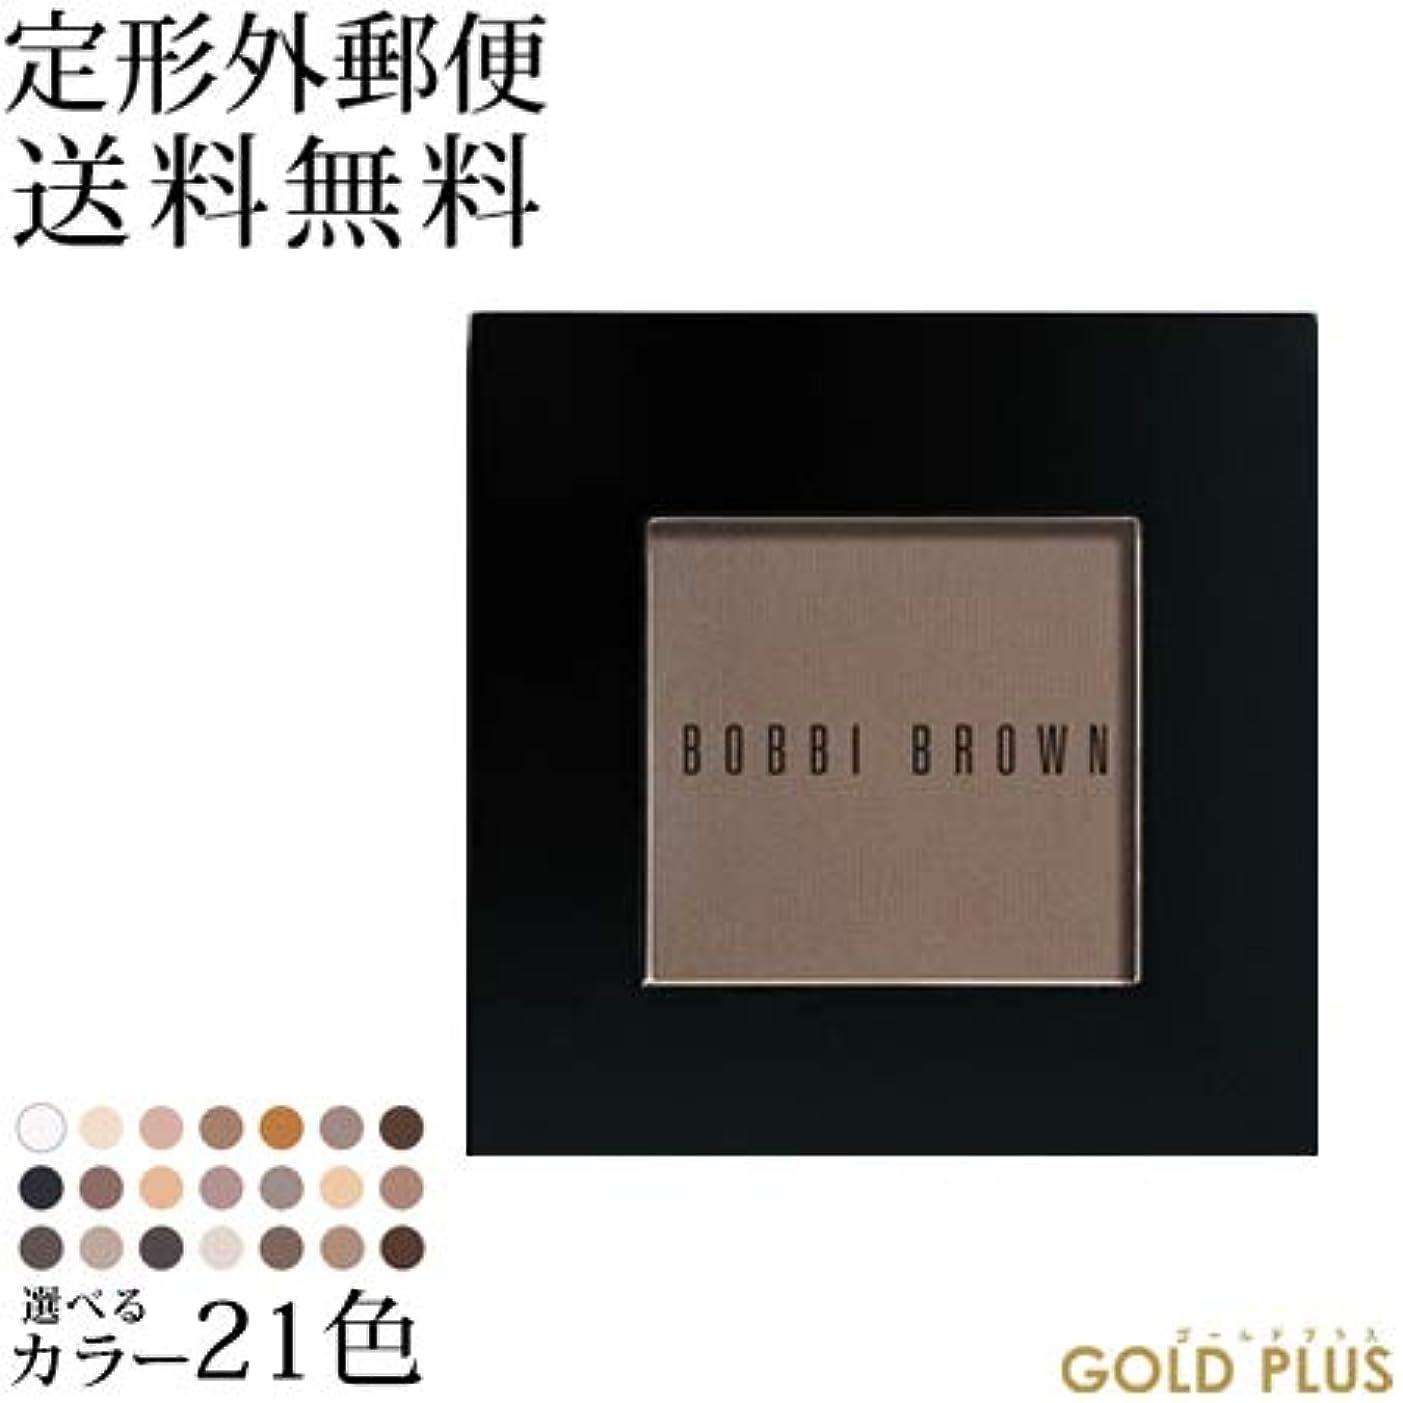 バンドル接続されたエキゾチックボビイブラウン アイシャドウ 選べる全21色 -BOBBI BROWN- リッチブラウン